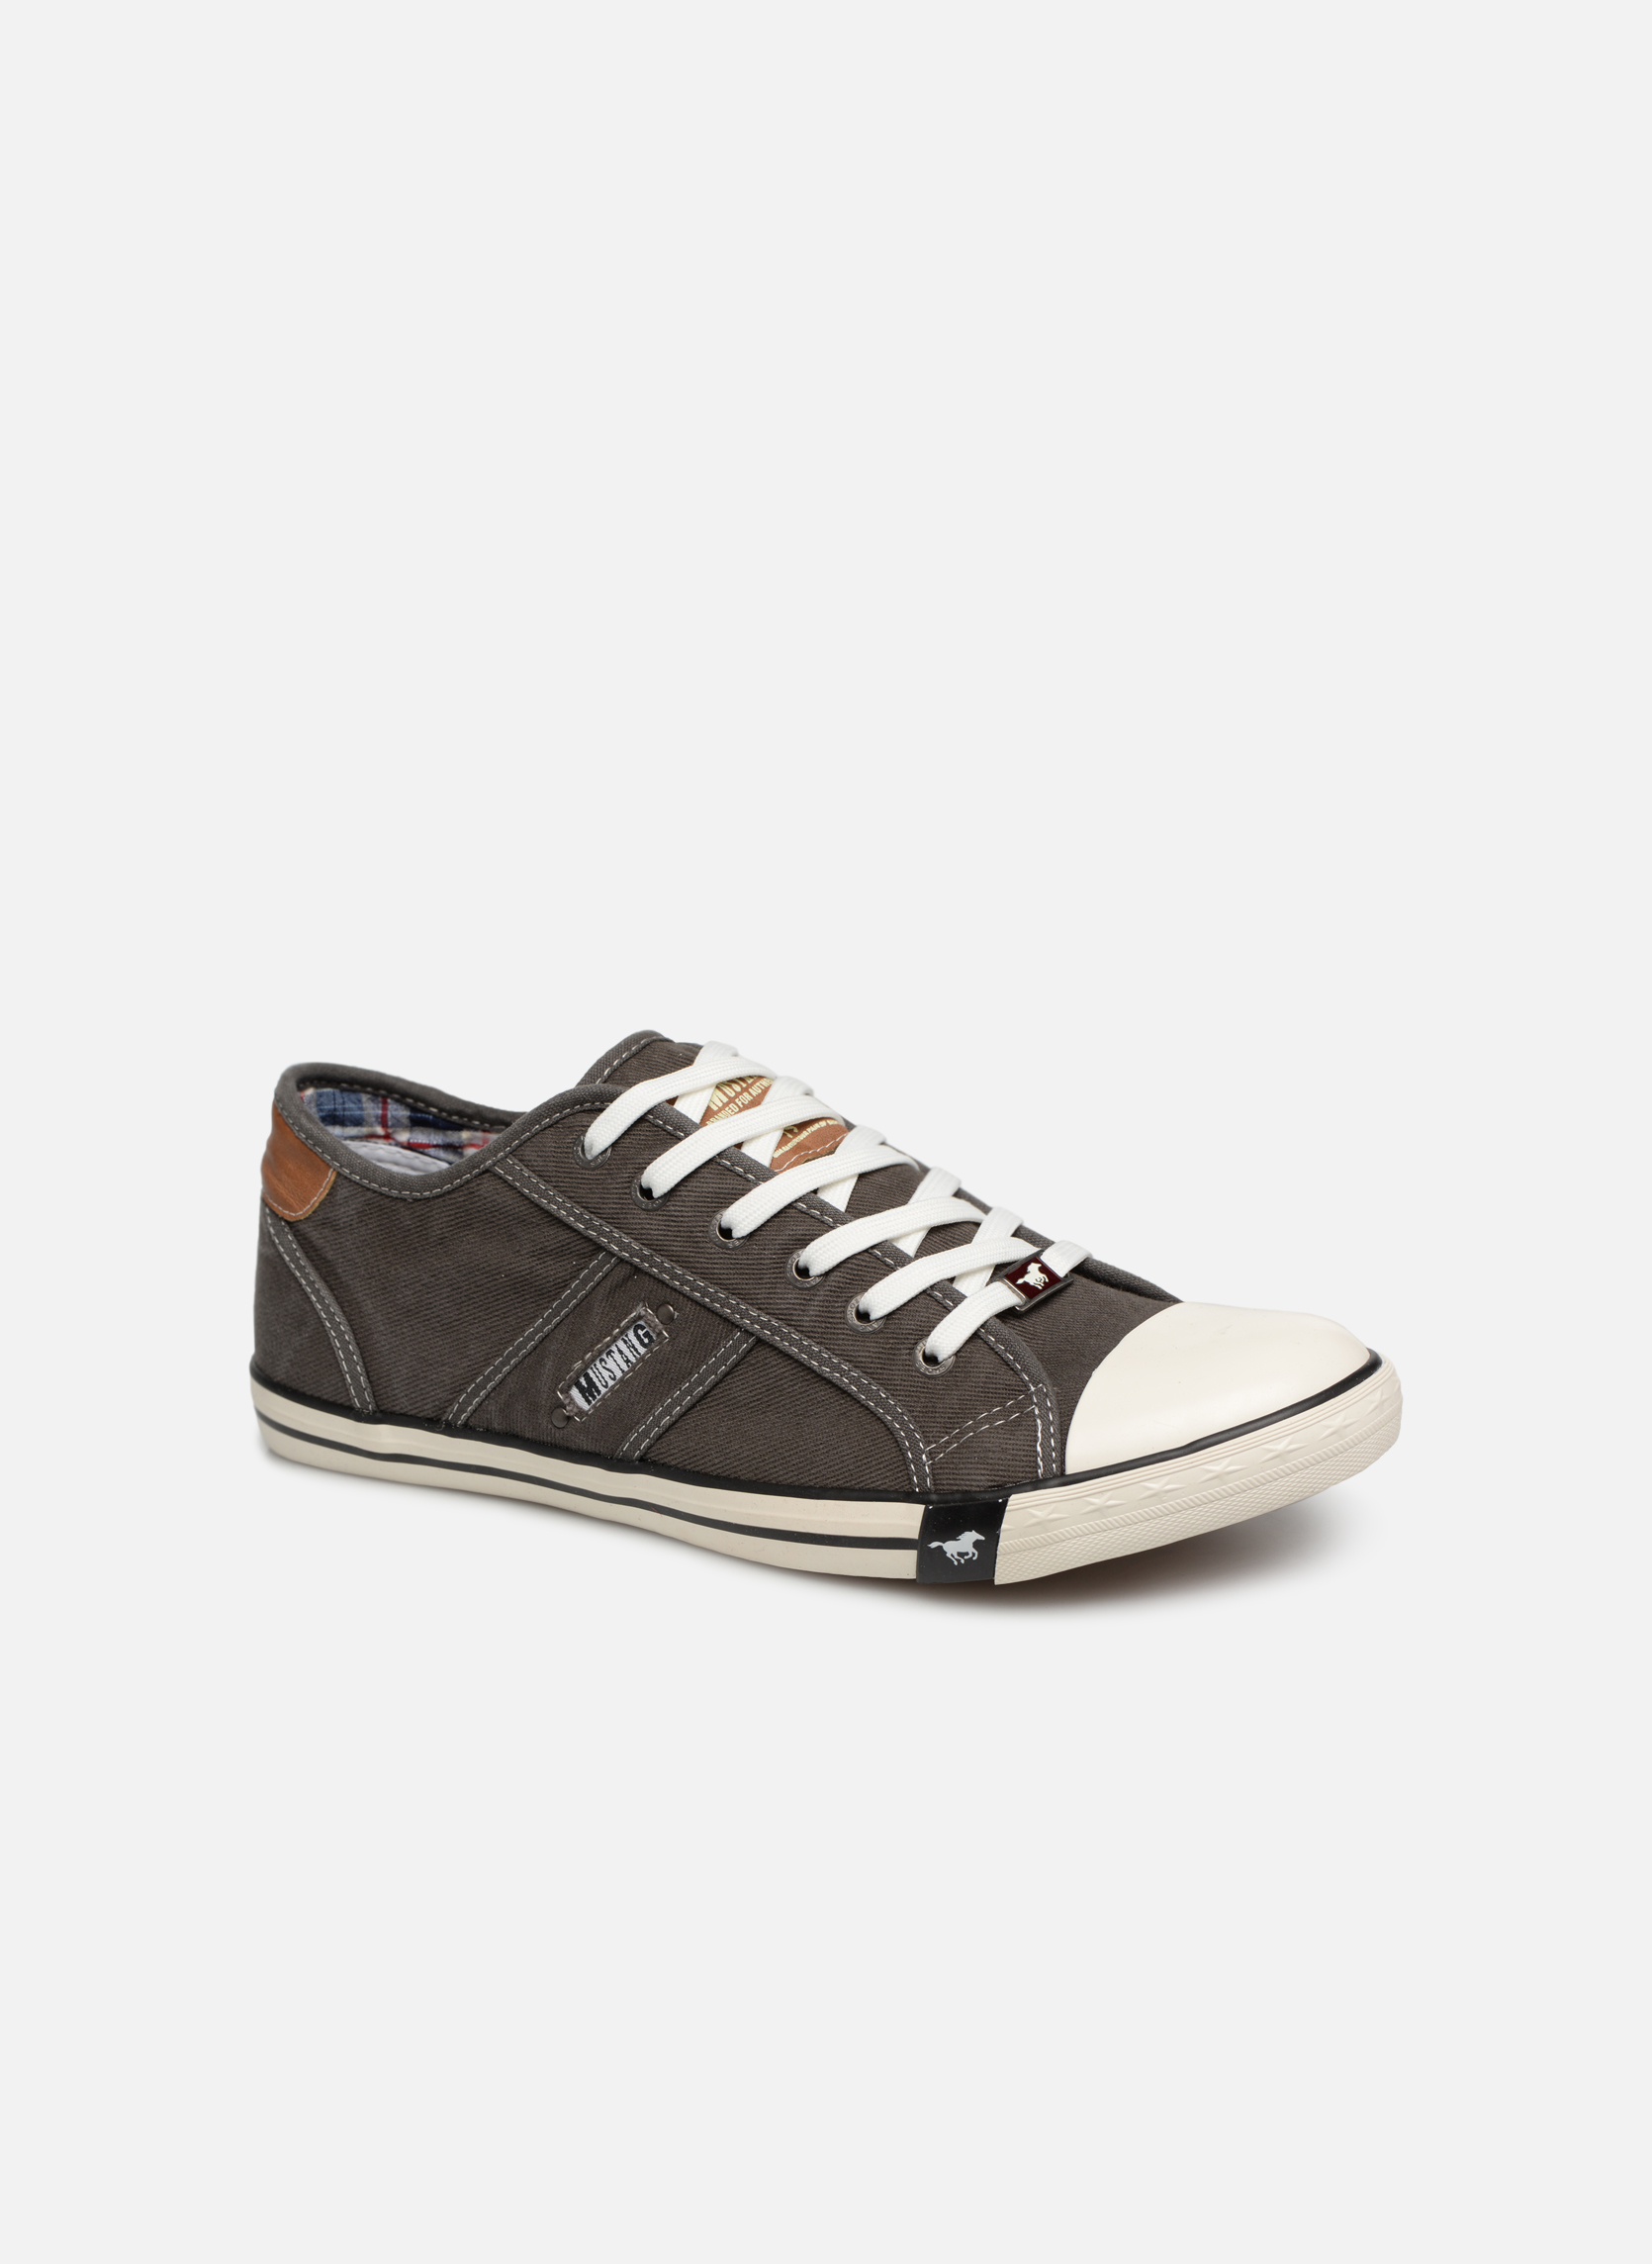 Sneaker Herren Tista